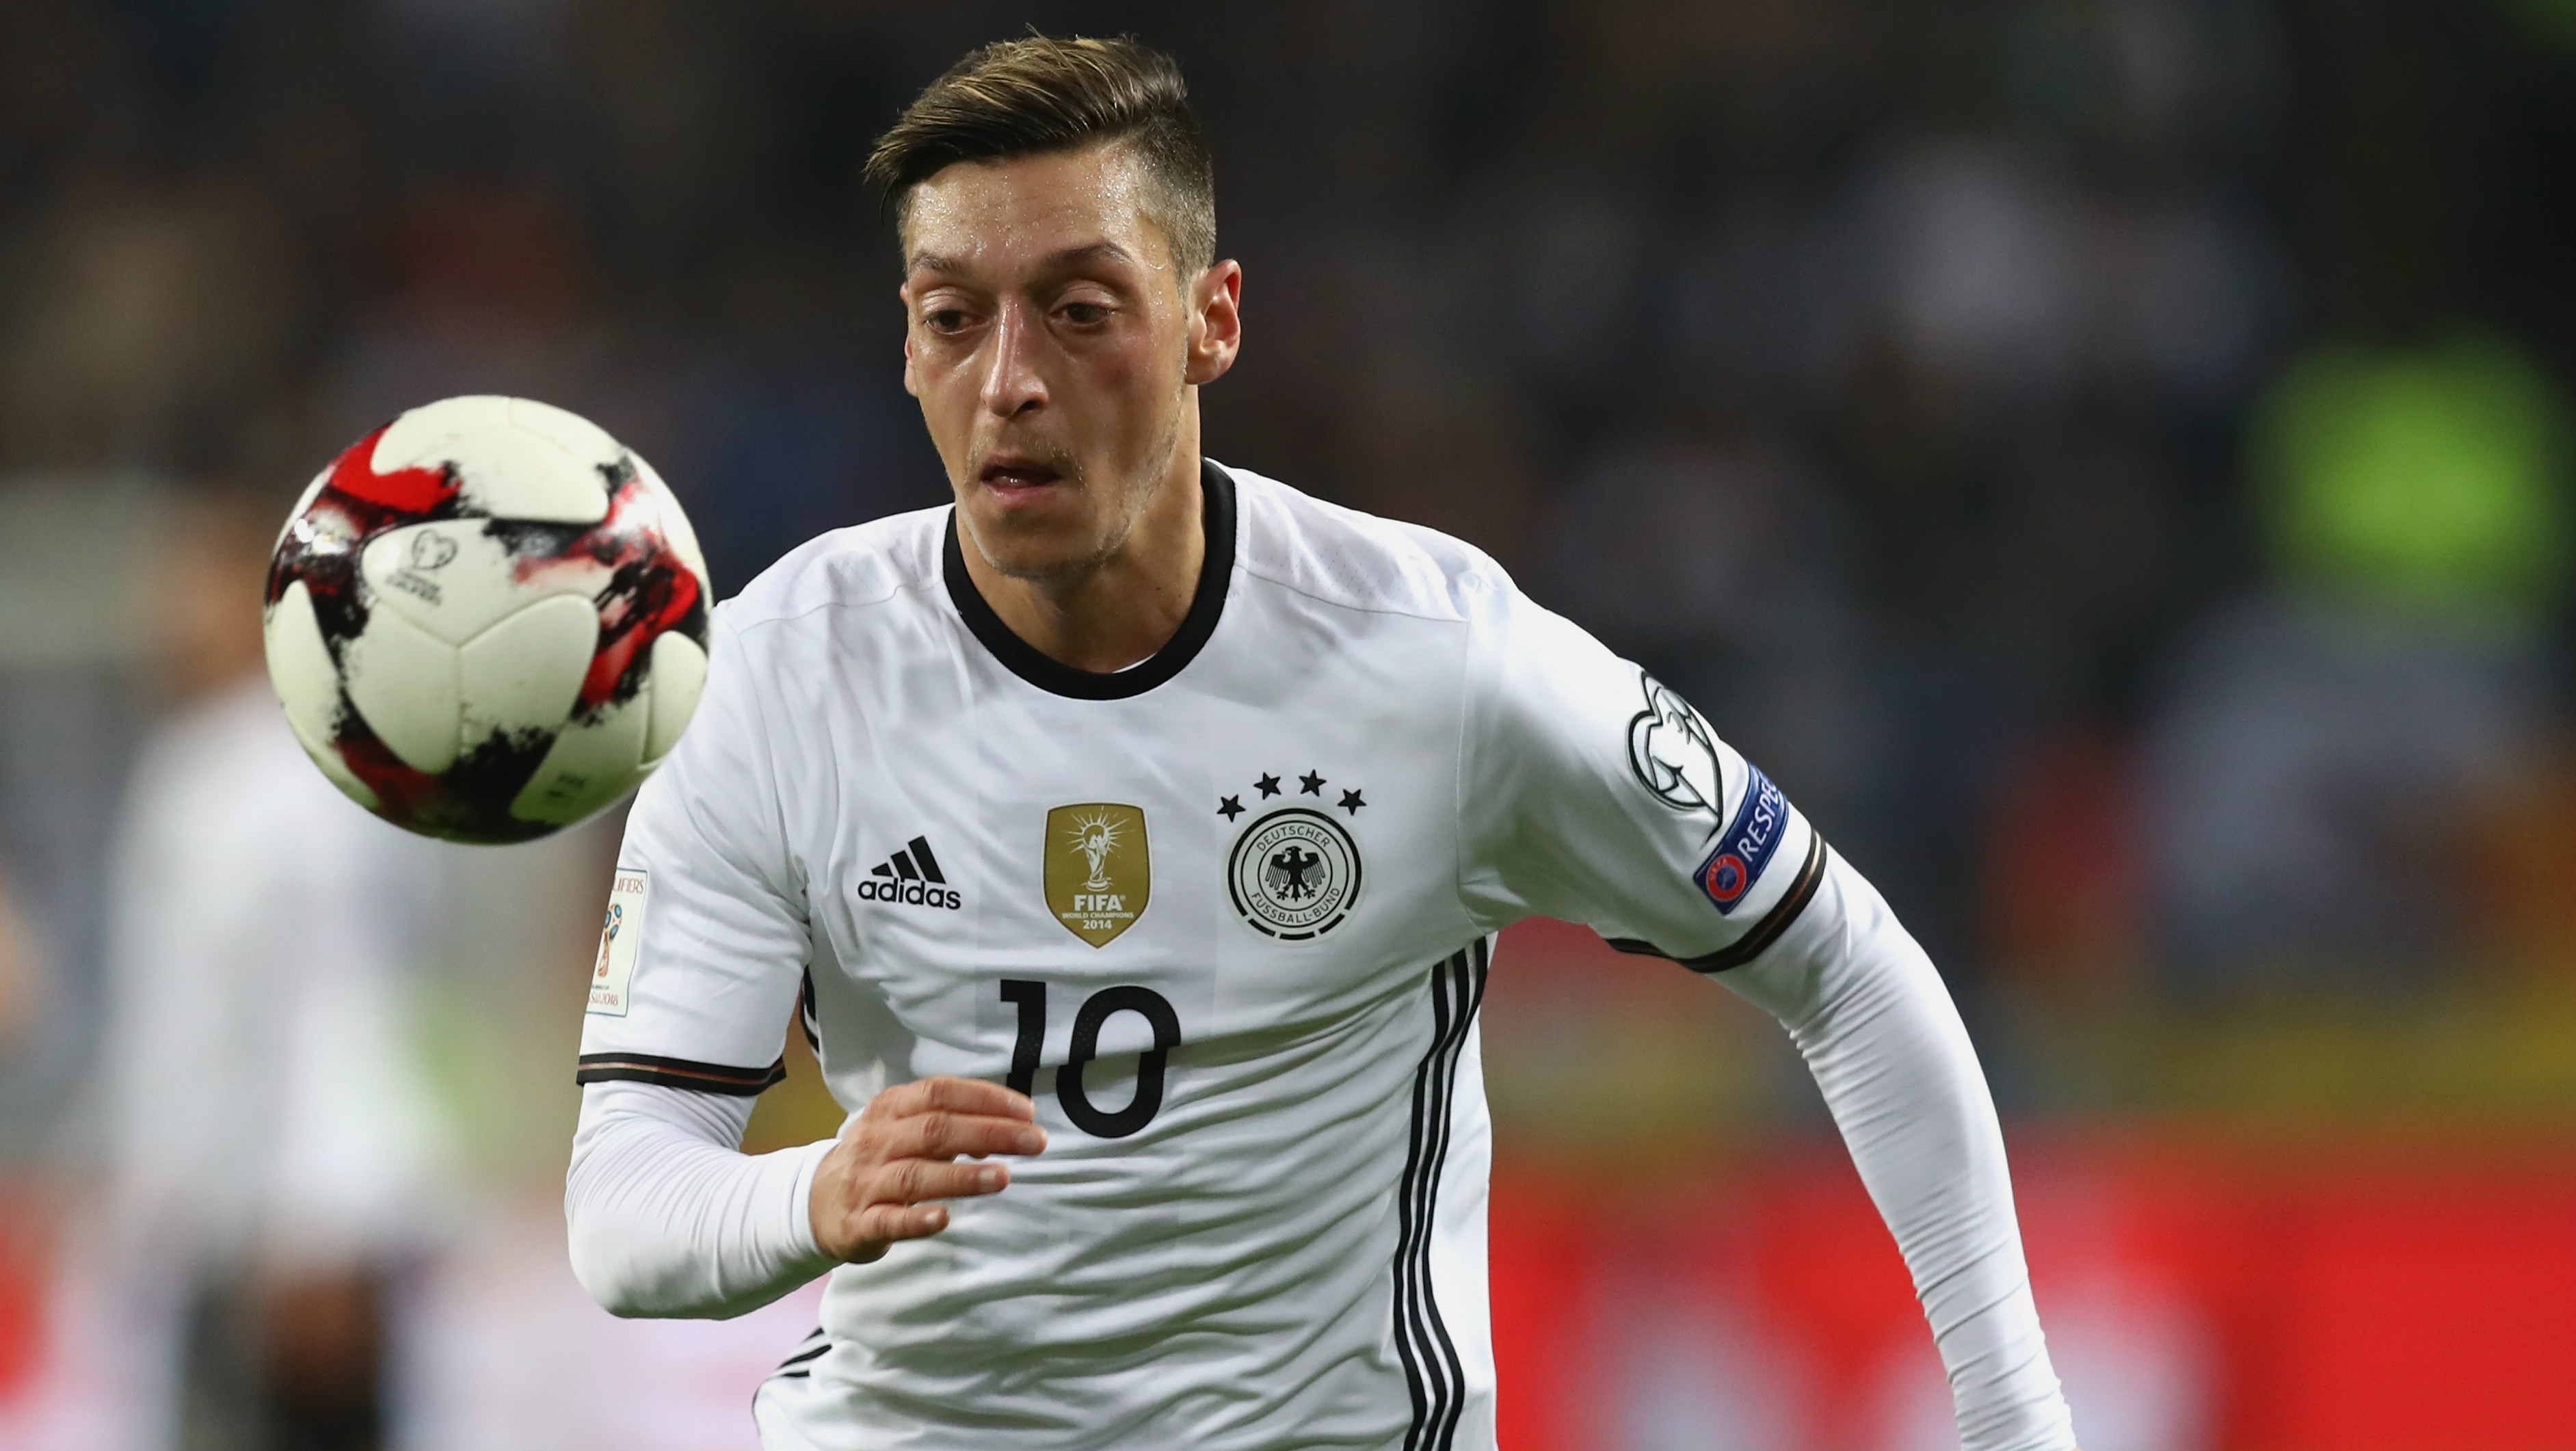 WM-Qualifikation 2018: Deutschland gegen Aserbaidschan